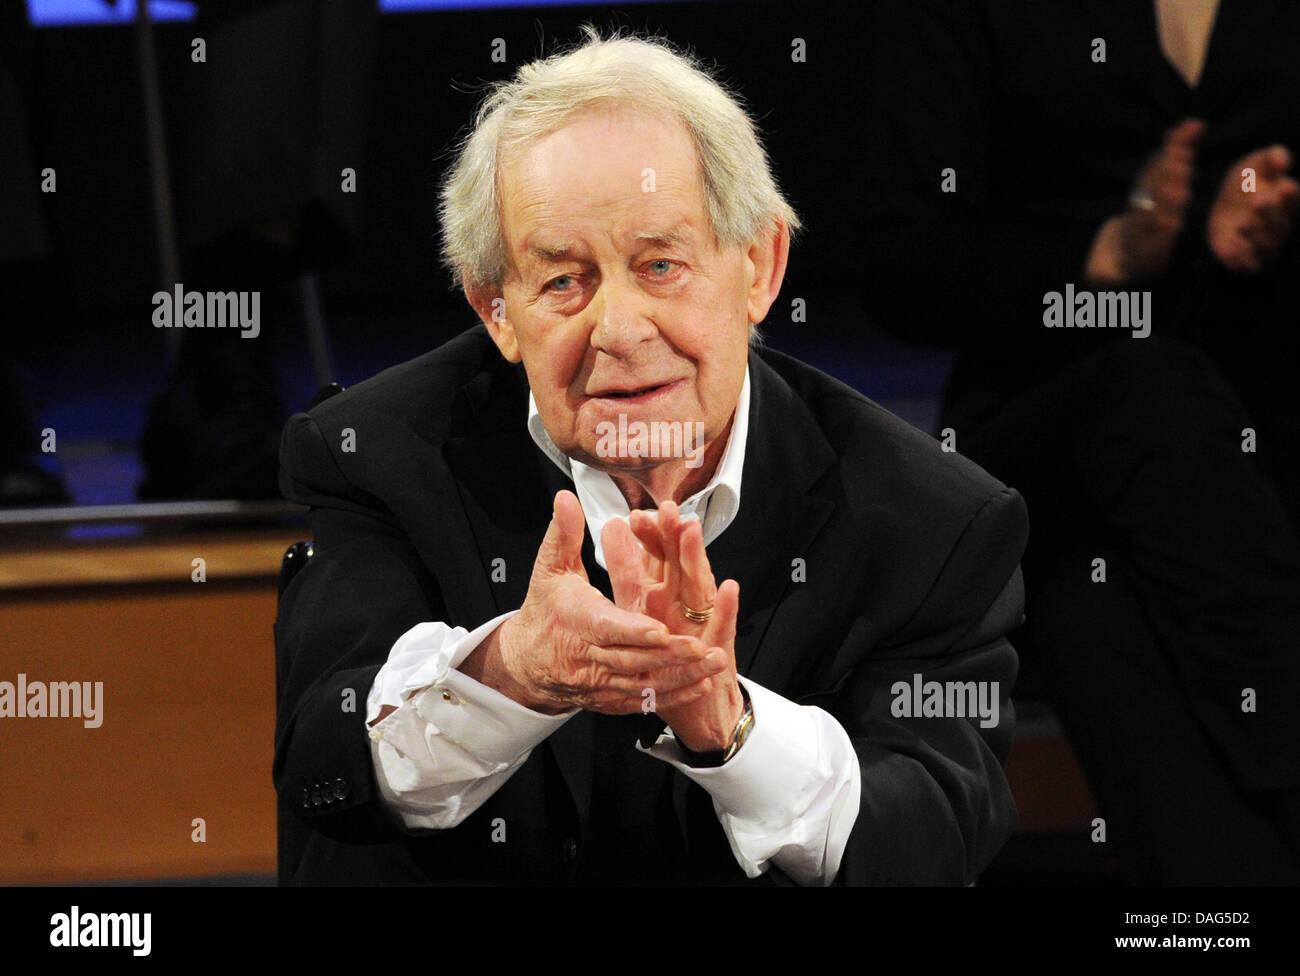 """L'auteur allemand Siegfried Lenz parle pendant une matinée à l'occasion de son 85e anniversaire à la NDR studios à Hambourg, Allemagne, 20 mars 2011. Lenz a écrit sur l'histoire de l'Allemagne dans des romans tels que """"eutschstunde' ou 'Heimatmuseum'. Photo: Angelika Warmuth Banque D'Images"""